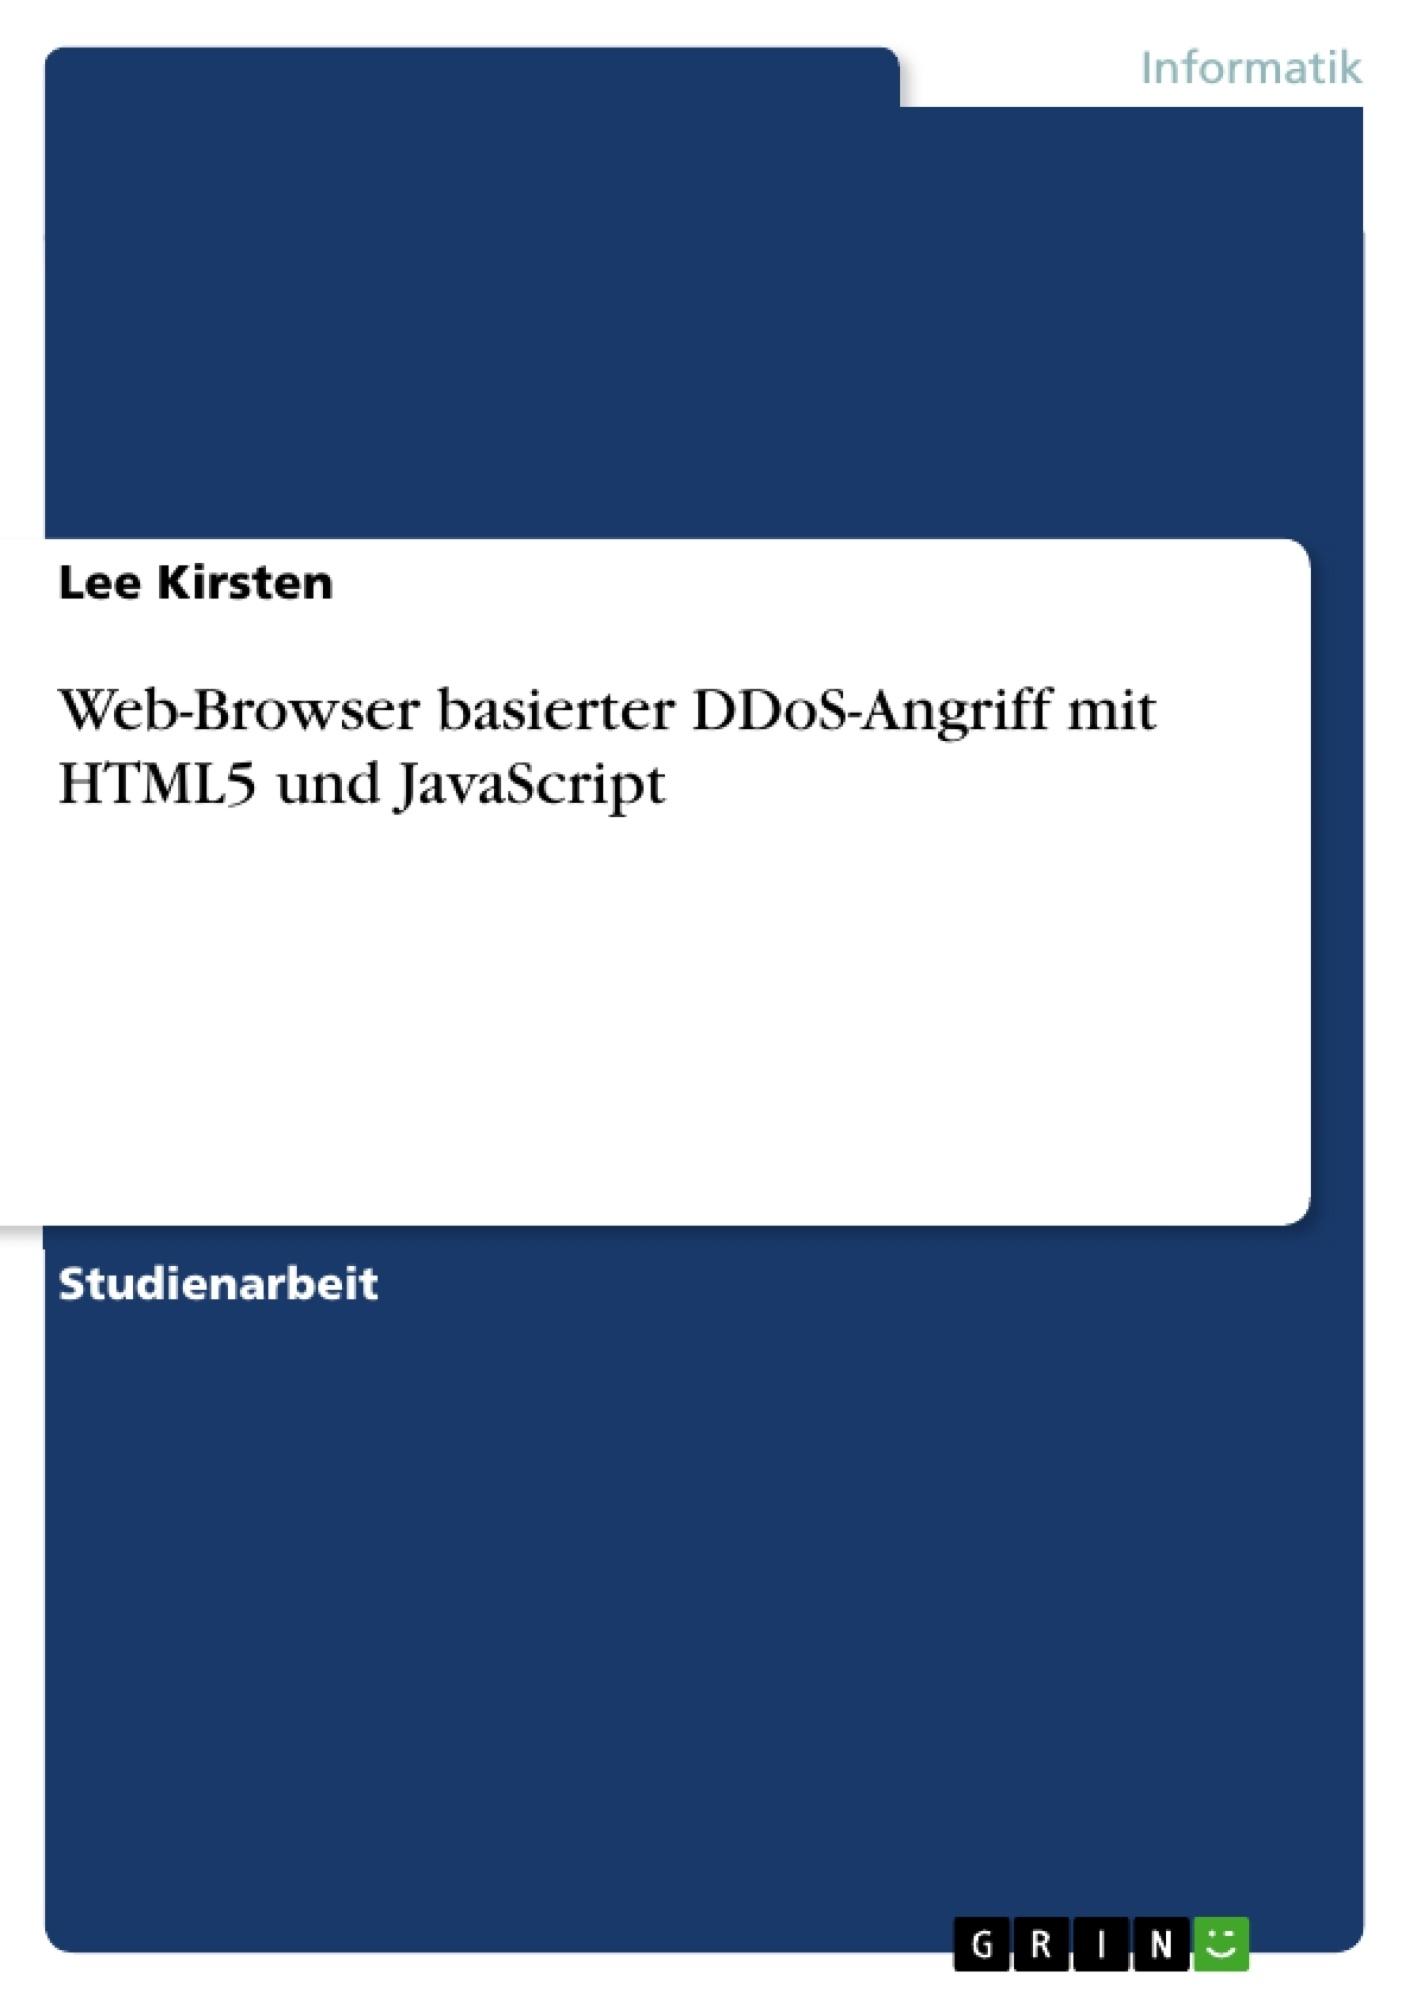 Titel: Web-Browser basierter DDoS-Angriff mit HTML5 und JavaScript